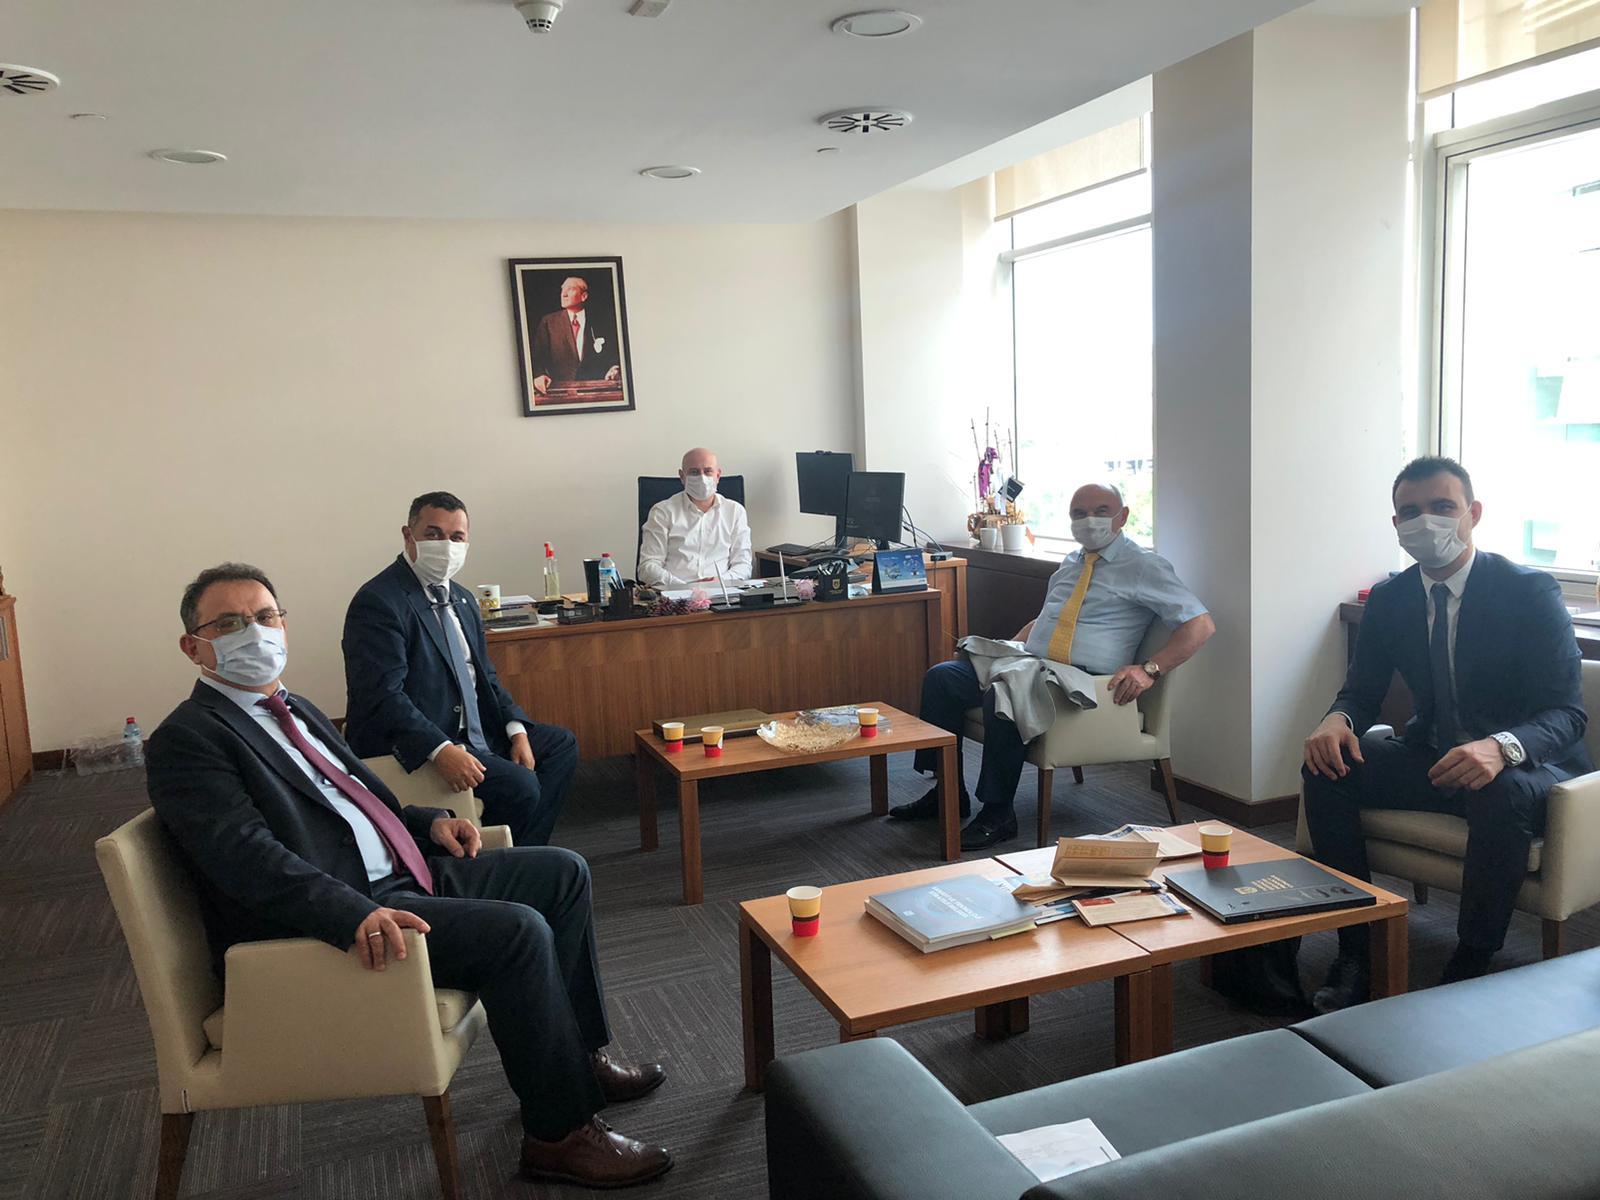 Yönetim Kurulu Başkanımız ve üyelerimiz, Savunma Sanayi Başkanlığı Sanayileşme Dairesini ziyaret ettiler.